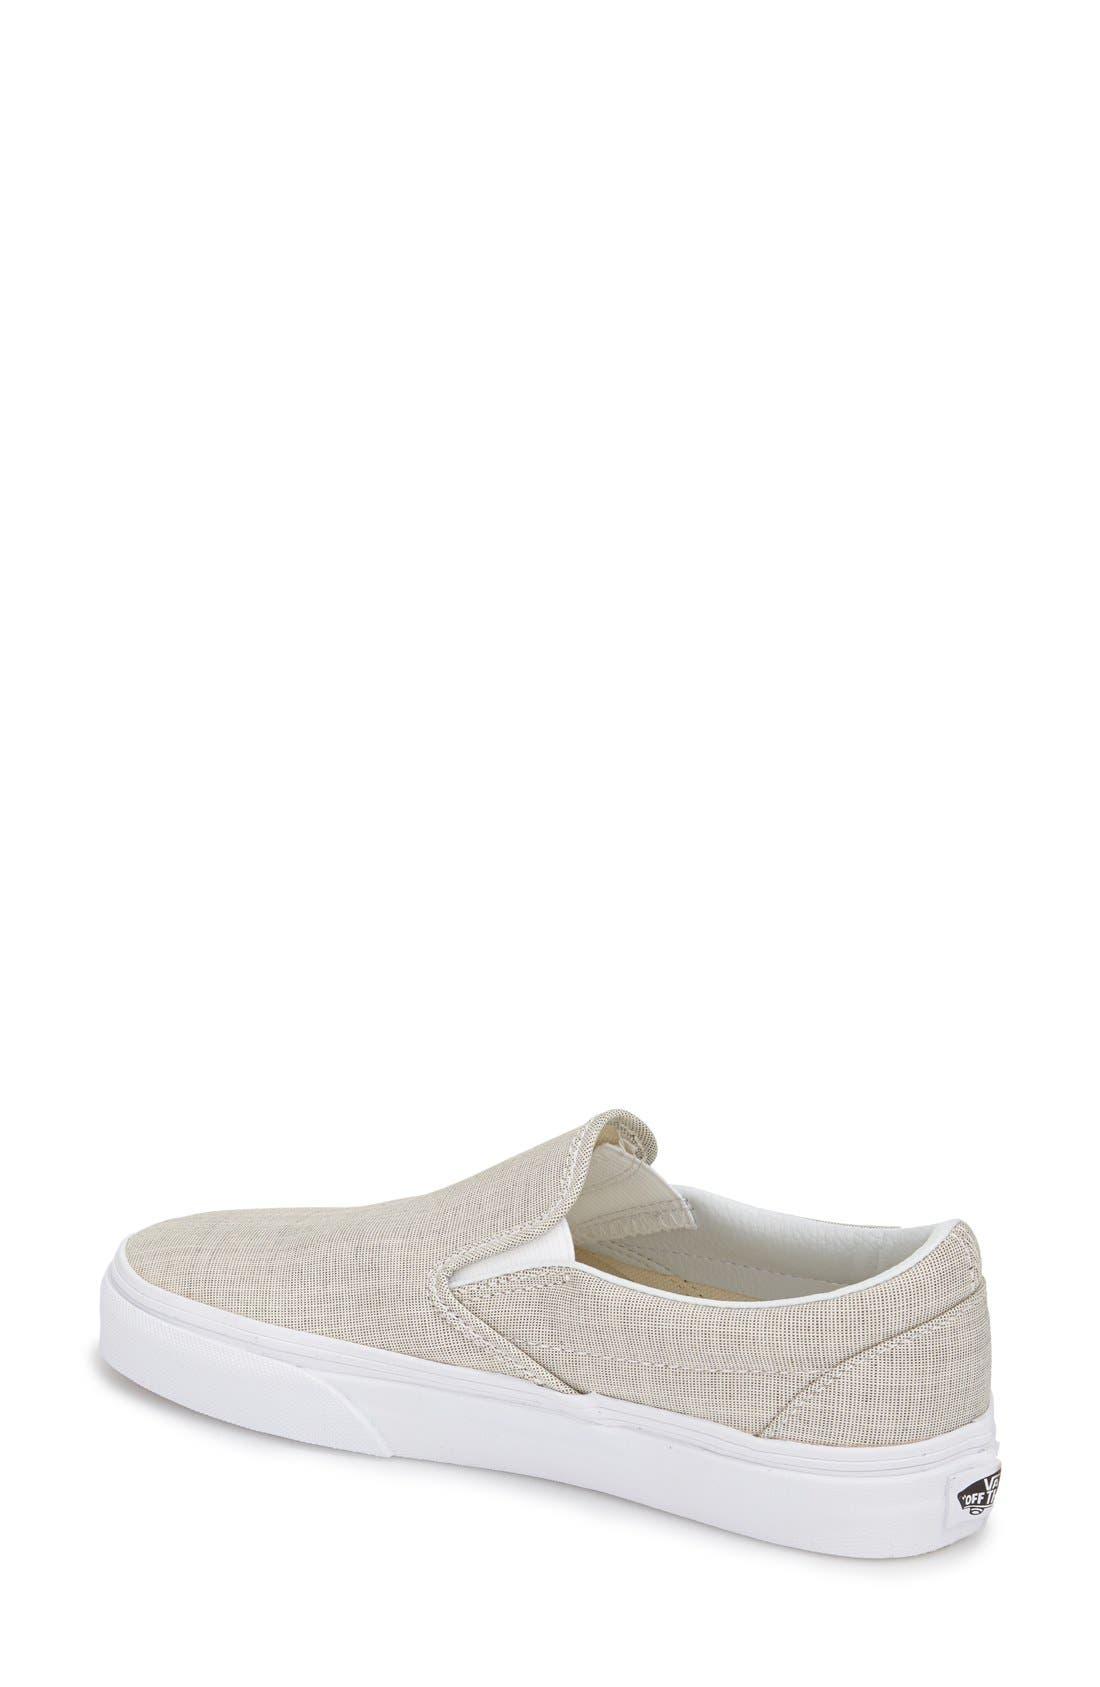 ,                             Classic Slip-On Sneaker,                             Alternate thumbnail 258, color,                             021